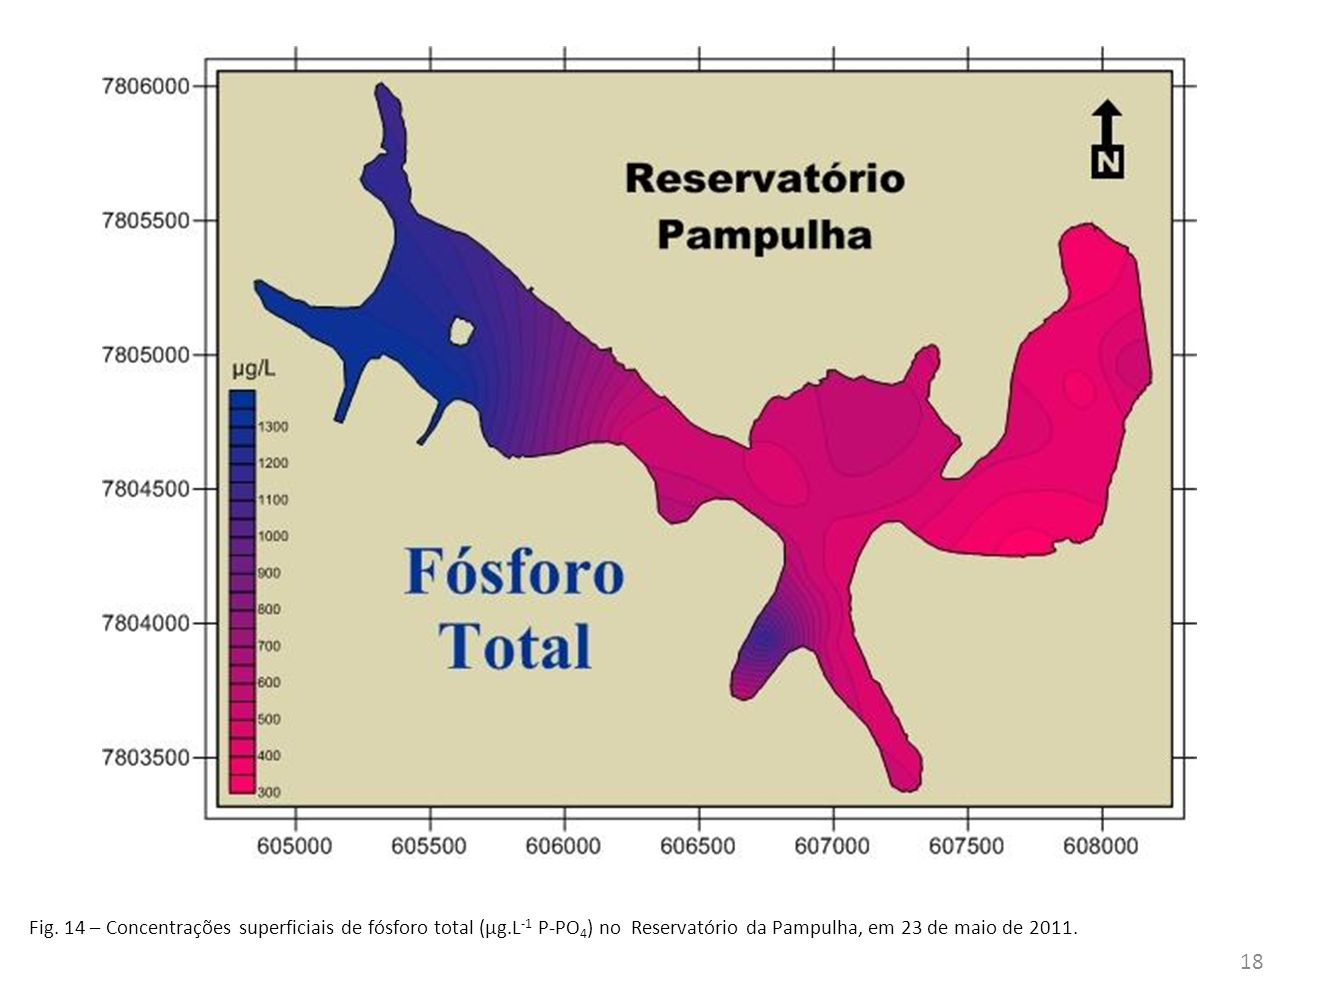 Fig. 14 – Concentrações superficiais de fósforo total (µg.L -1 P-PO 4 ) no Reservatório da Pampulha, em 23 de maio de 2011. 18